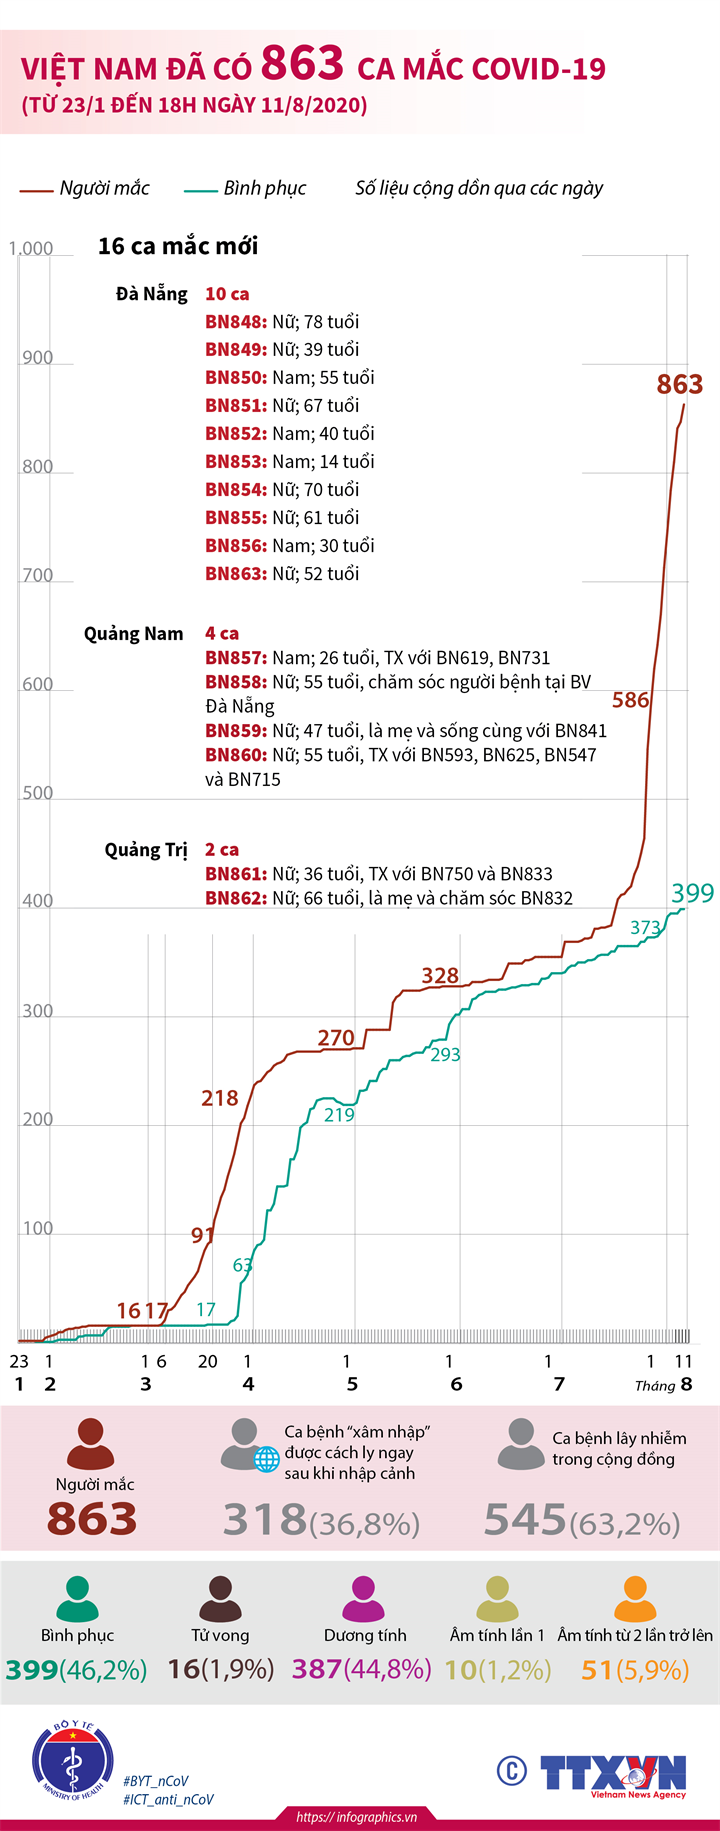 Việt Nam đã có 863 ca mắc COVID-19 (từ 23/1 đến 18h ngày 11/8/2020)